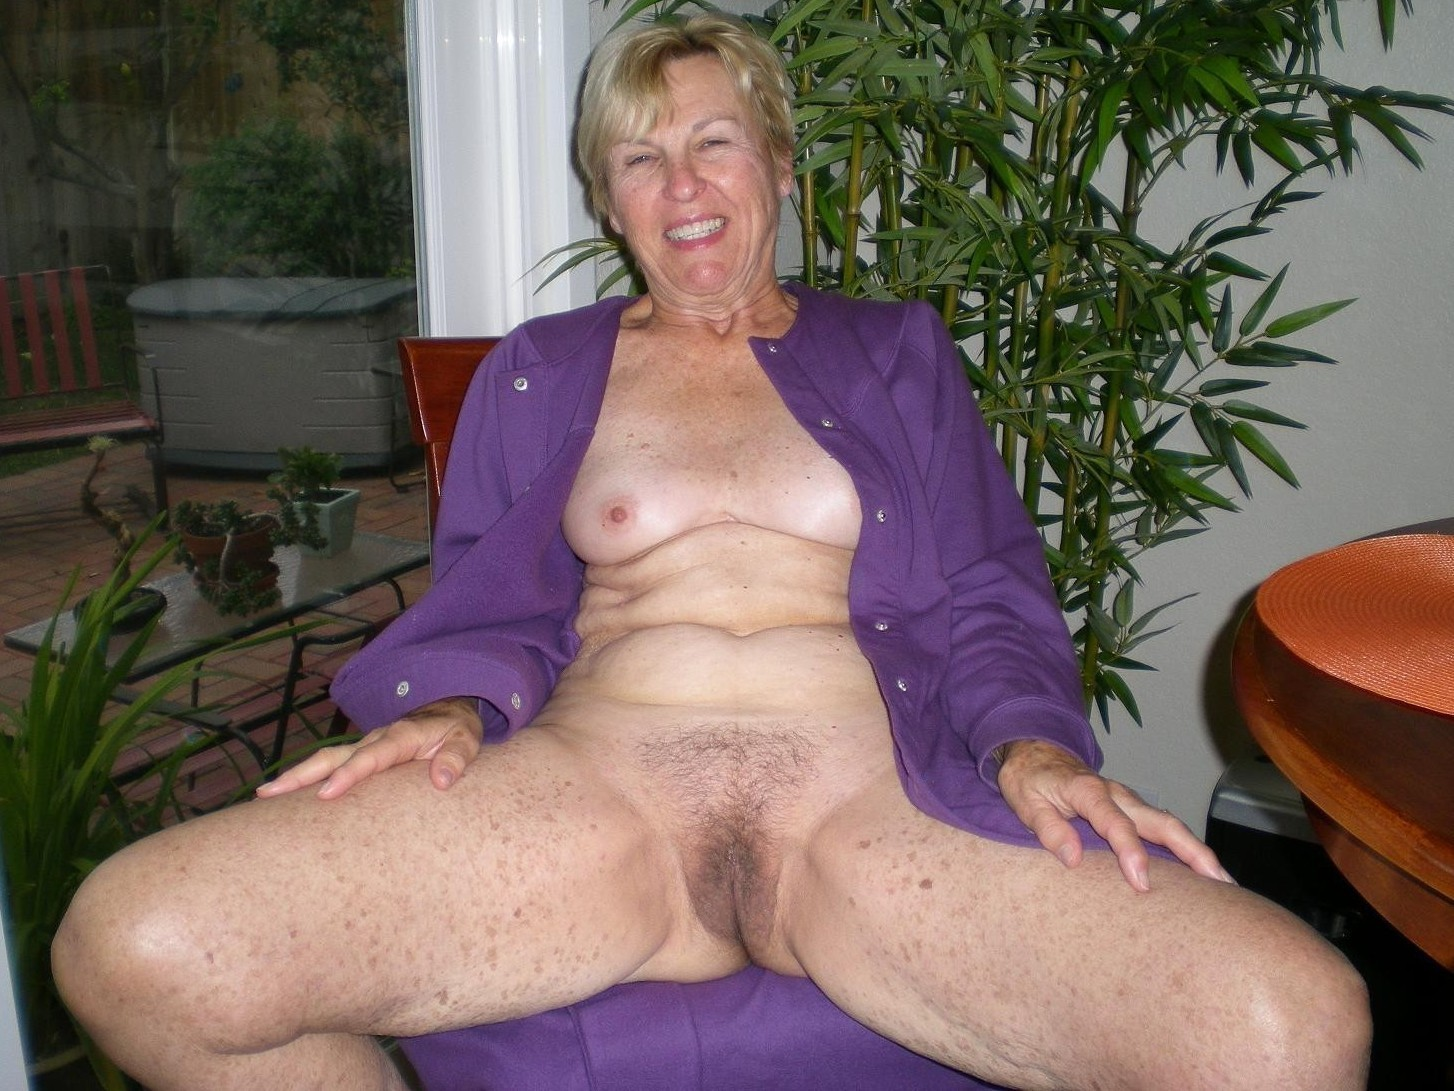 Granny self pics mature